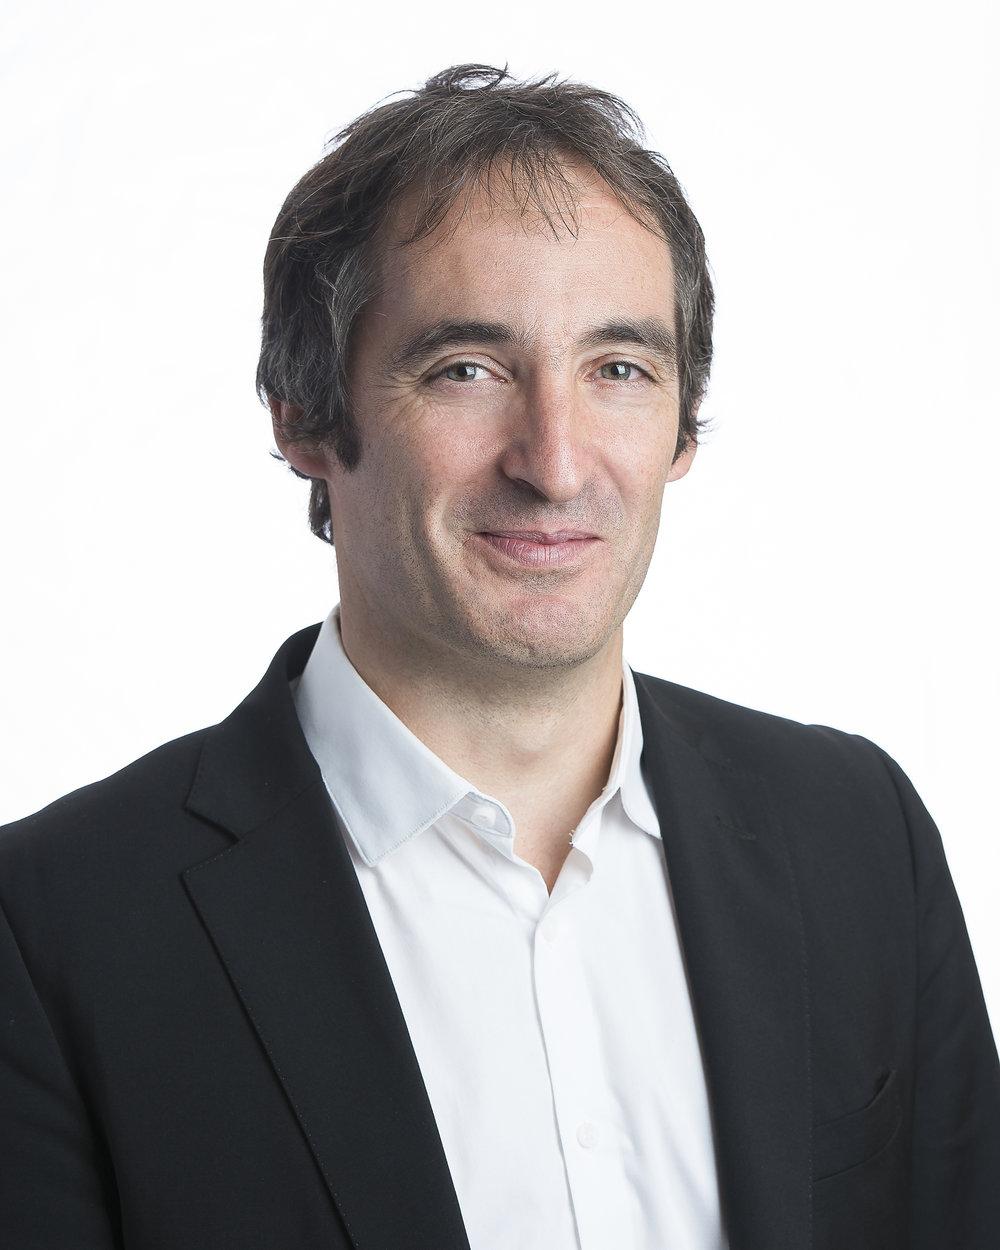 Luc Bodiguel, CNRS, Université de Nantes, France